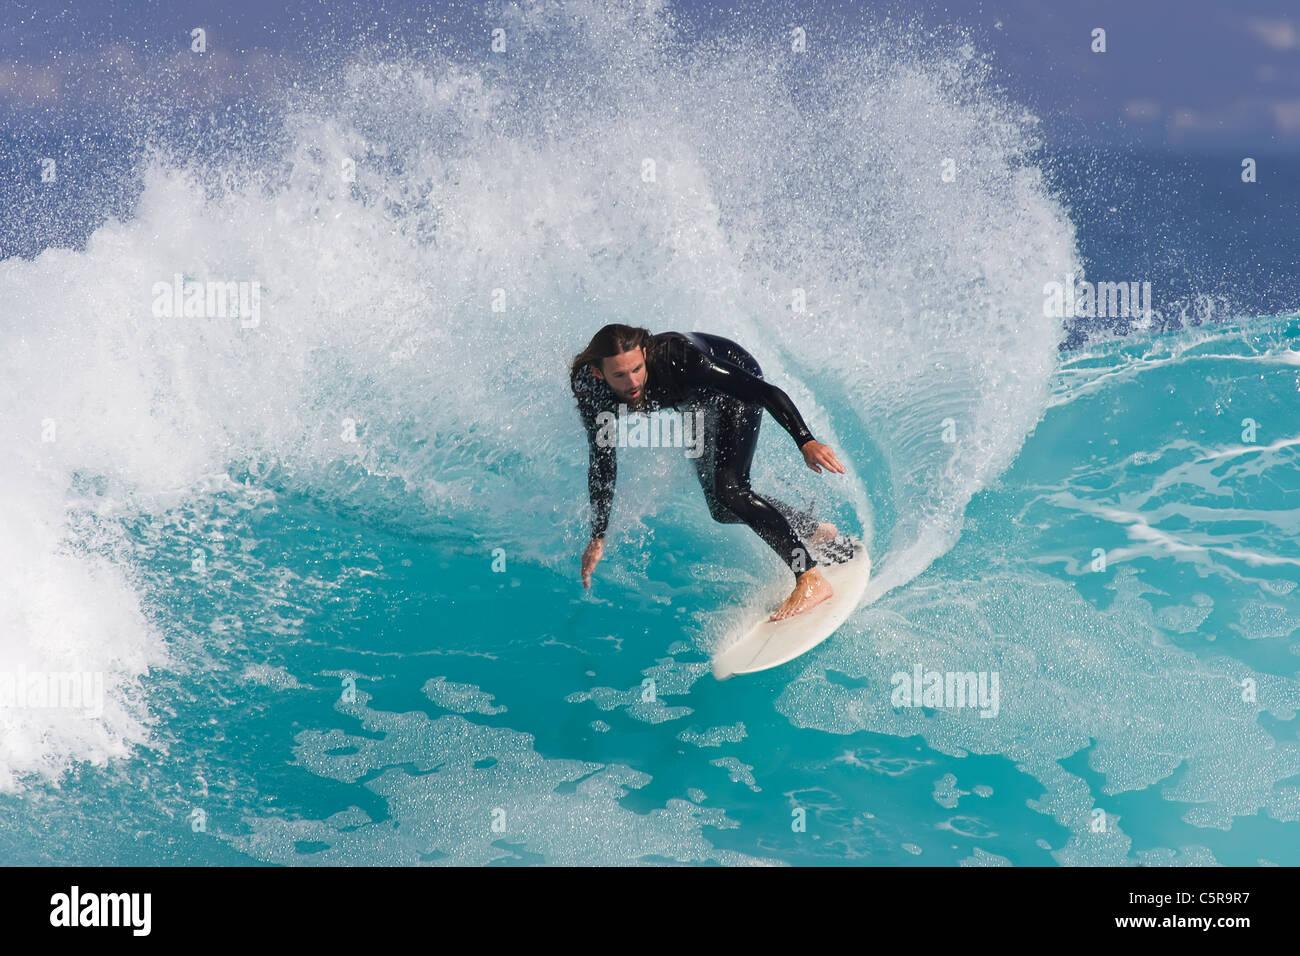 Surfer passeggiate lungo blu azzurro onda. Immagini Stock